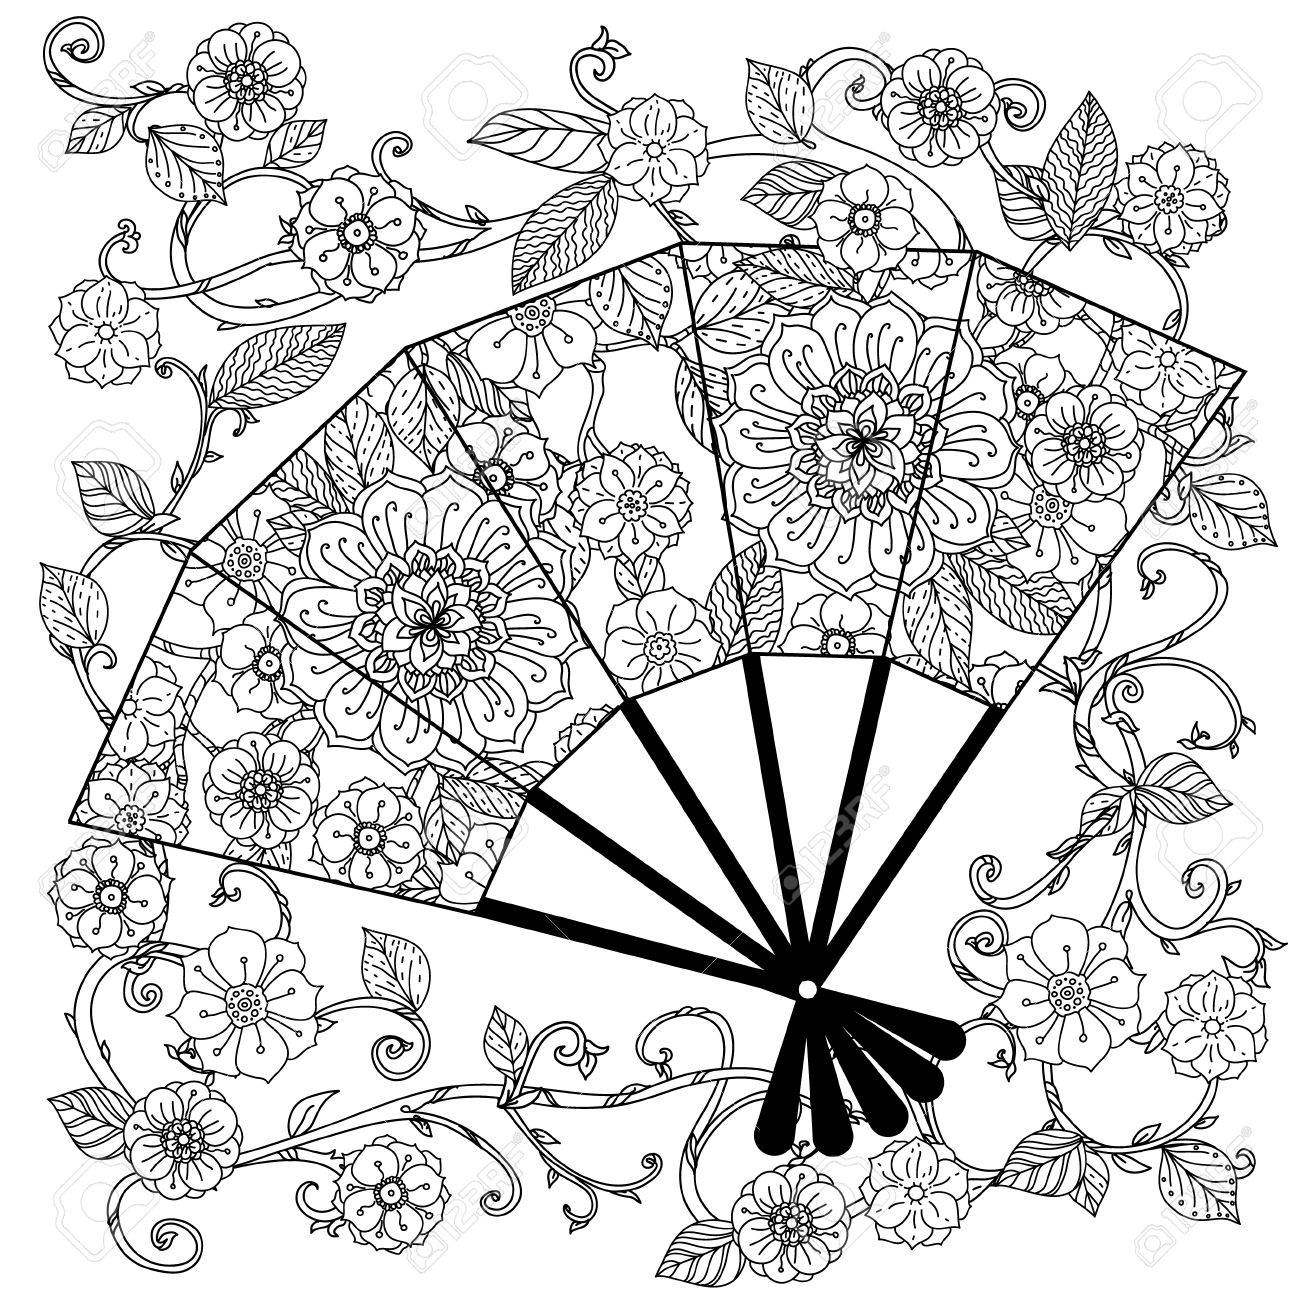 Fan Oriental Incolore Decore De Motifs Floraux Pour Livre De Coloriage Adulte Noir Et Blanc Uncolored Illustration Vectorielle Le Meilleur Pour